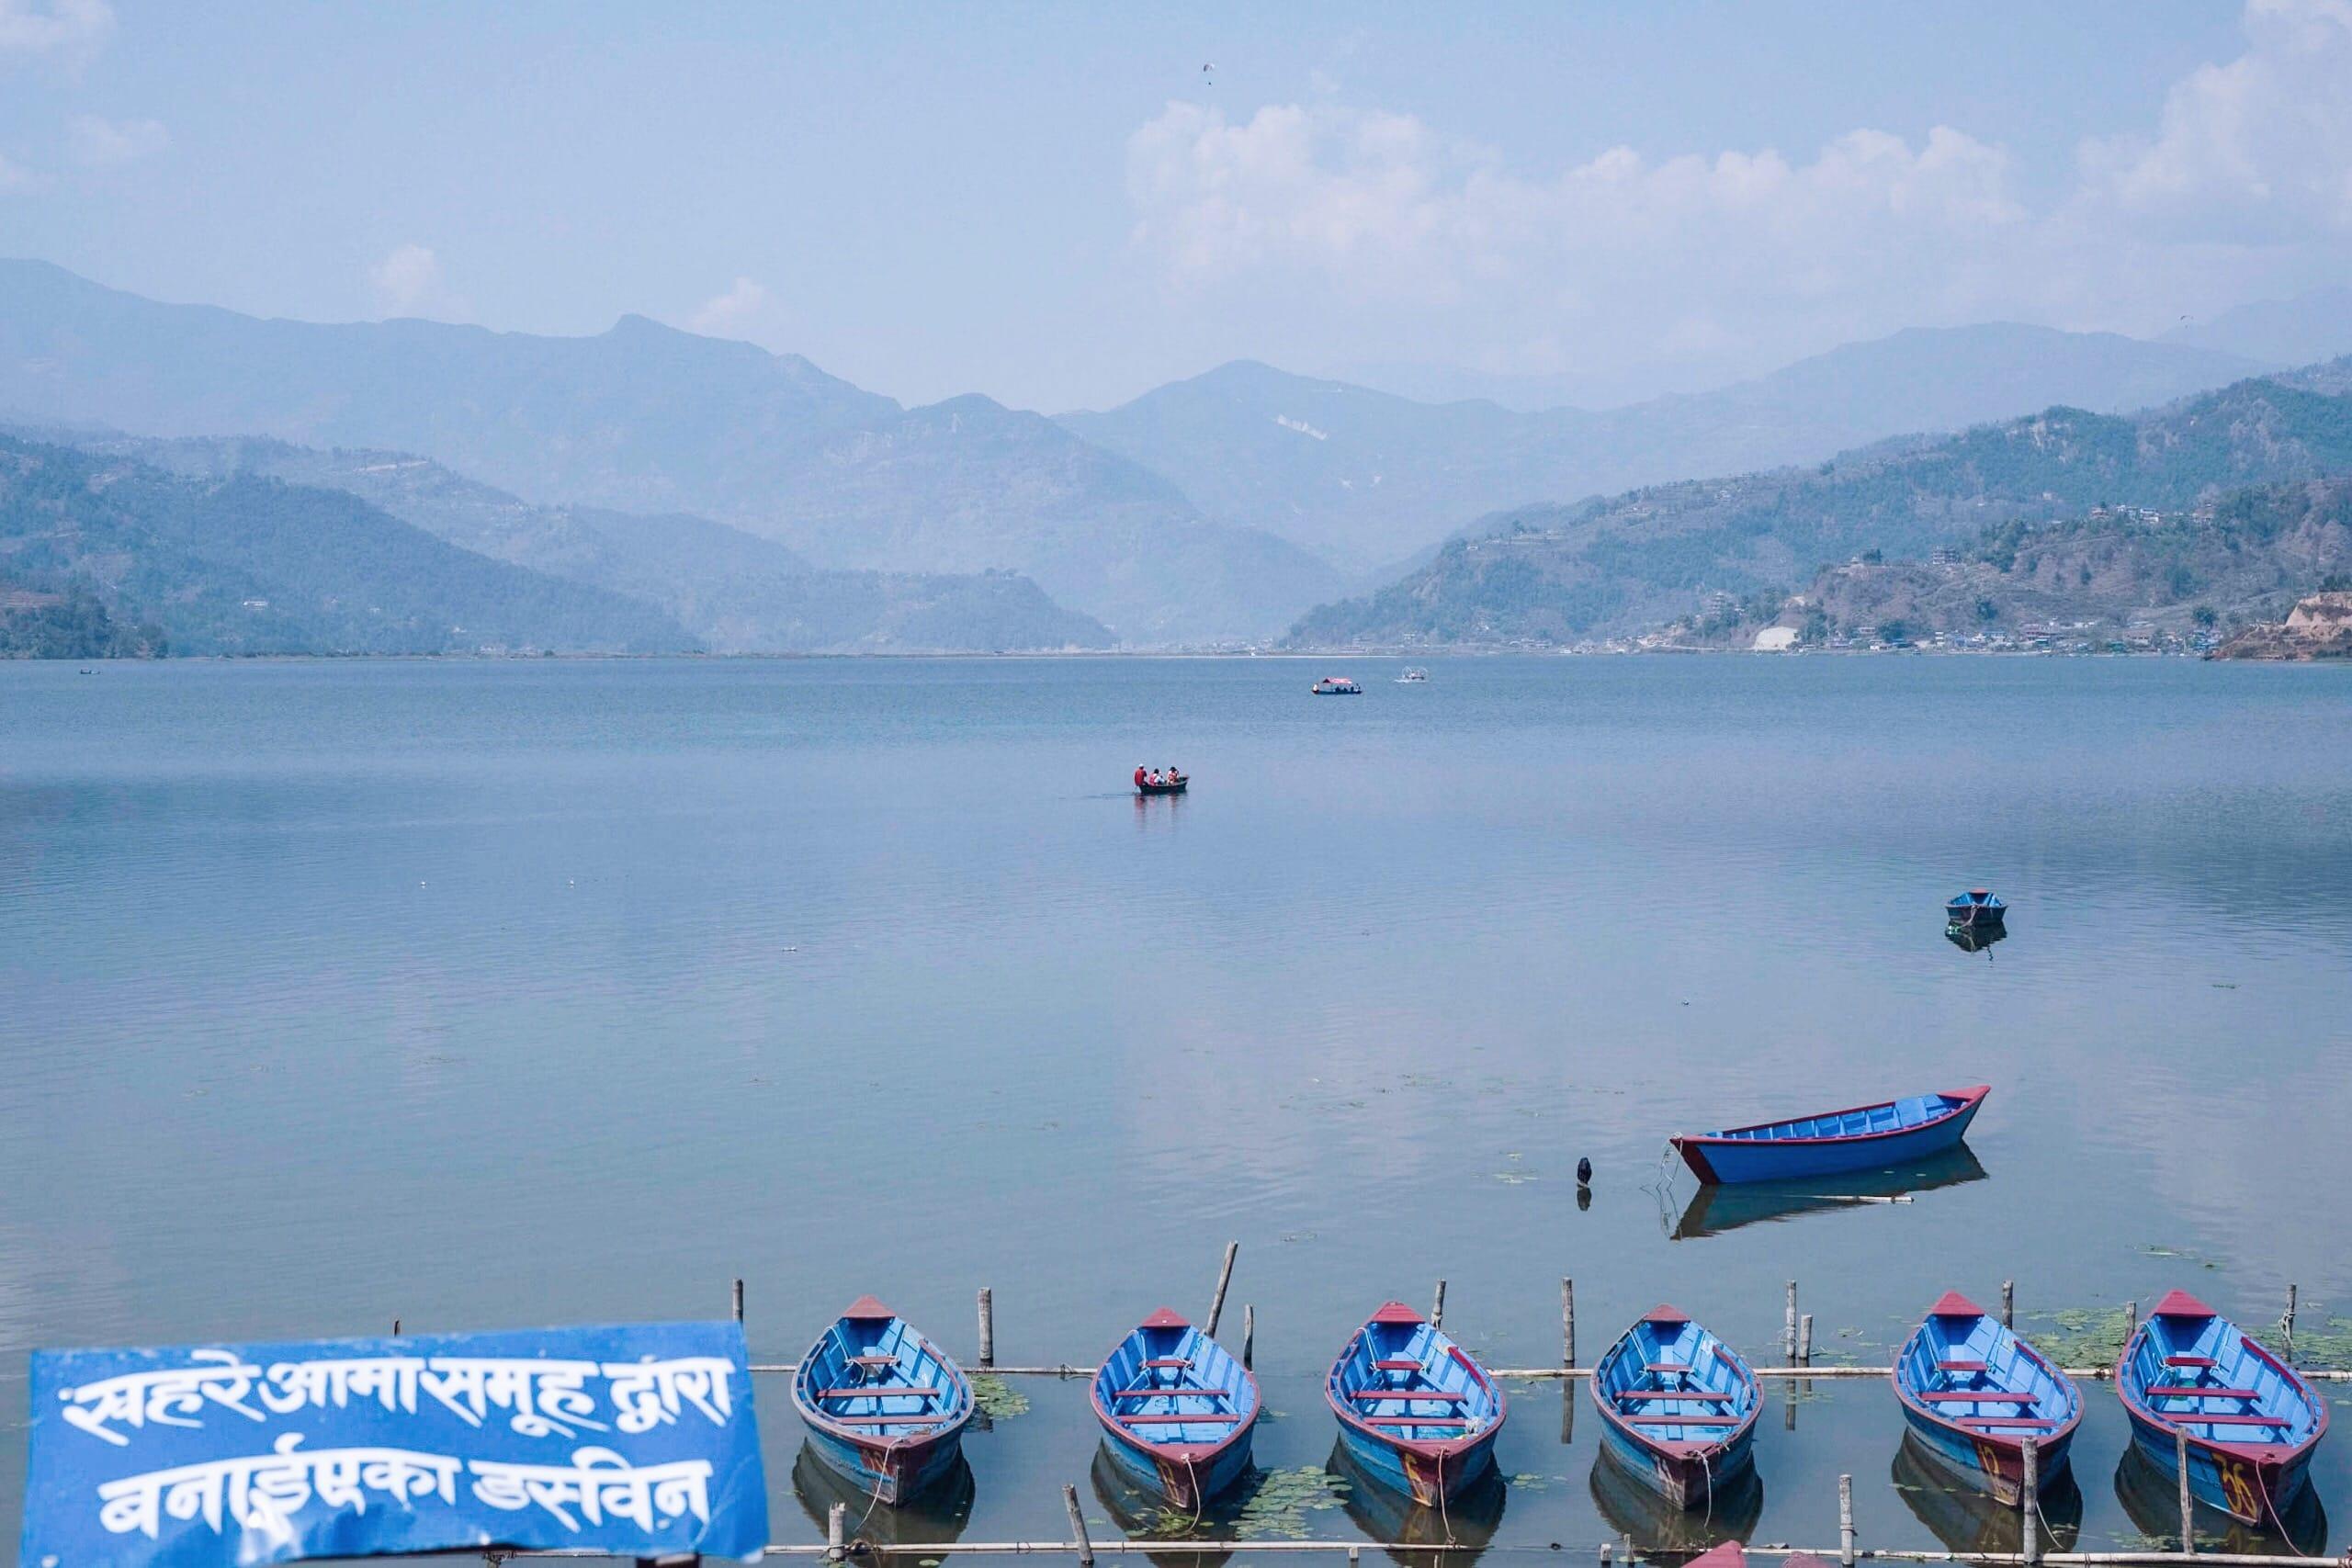 ファインダー越しに旅する、ネパール癒しの街「ポカラ」|ネパール旅行記②